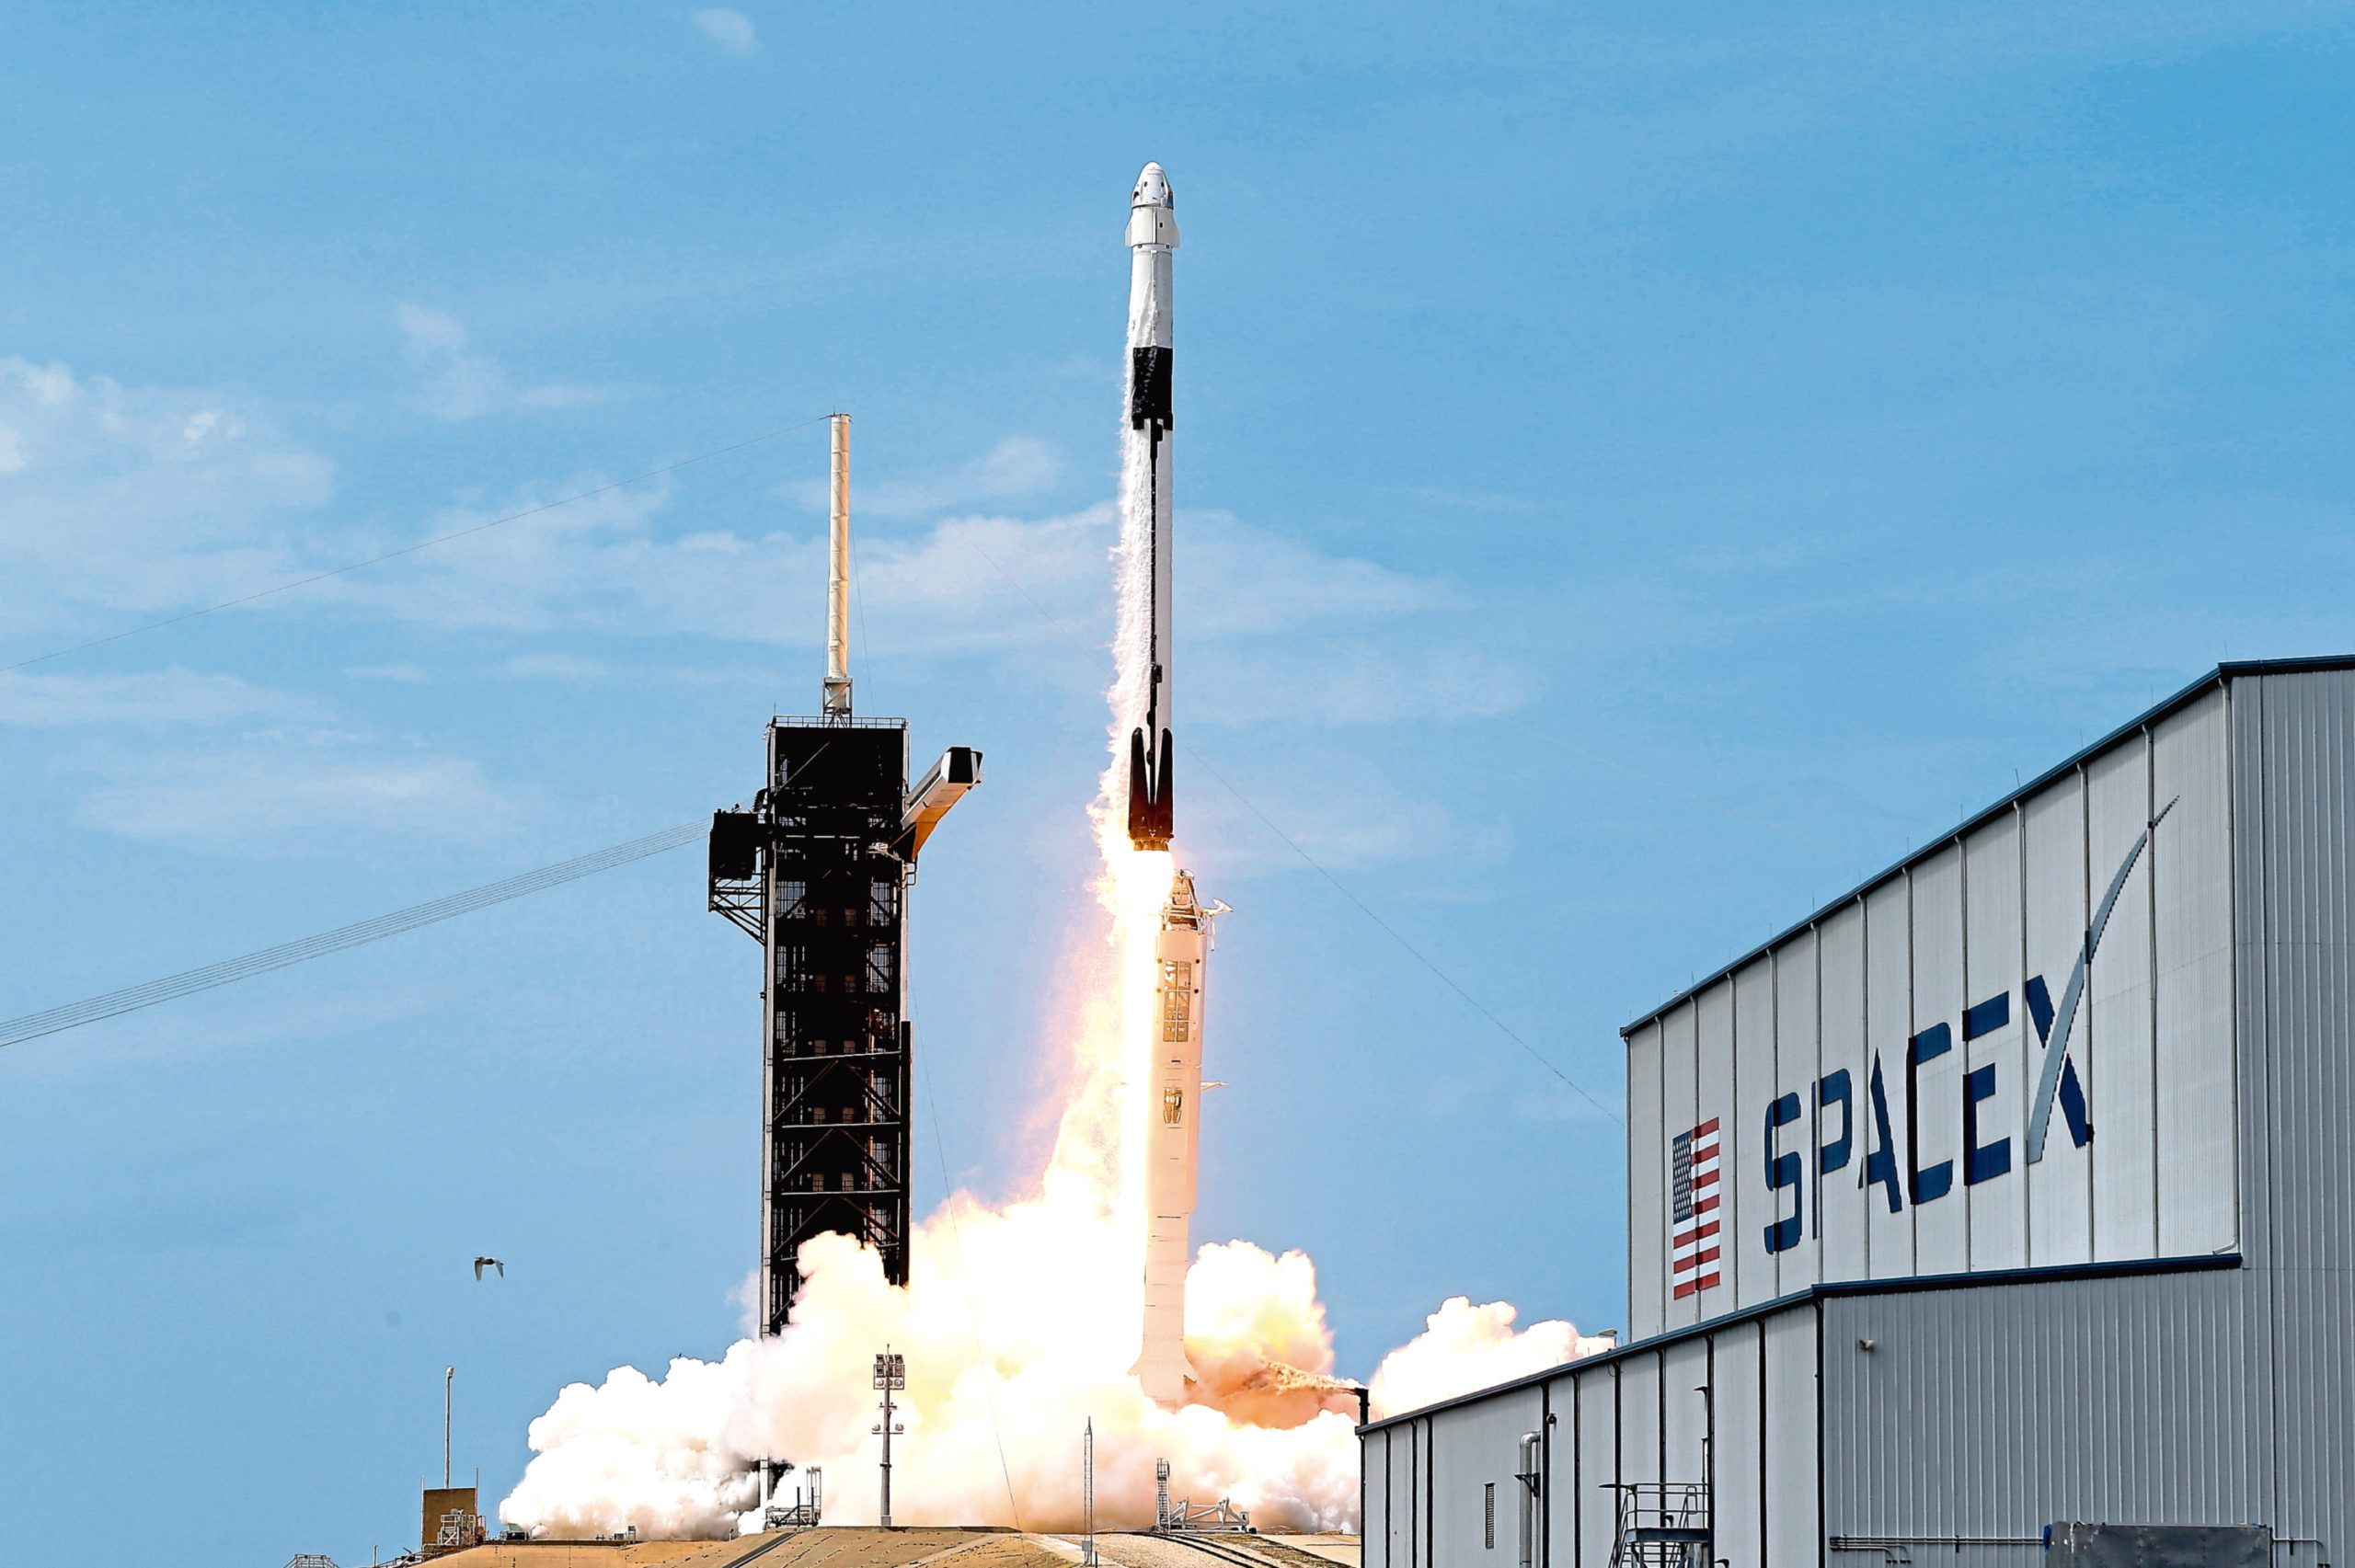 A SpaceX Falcon 9